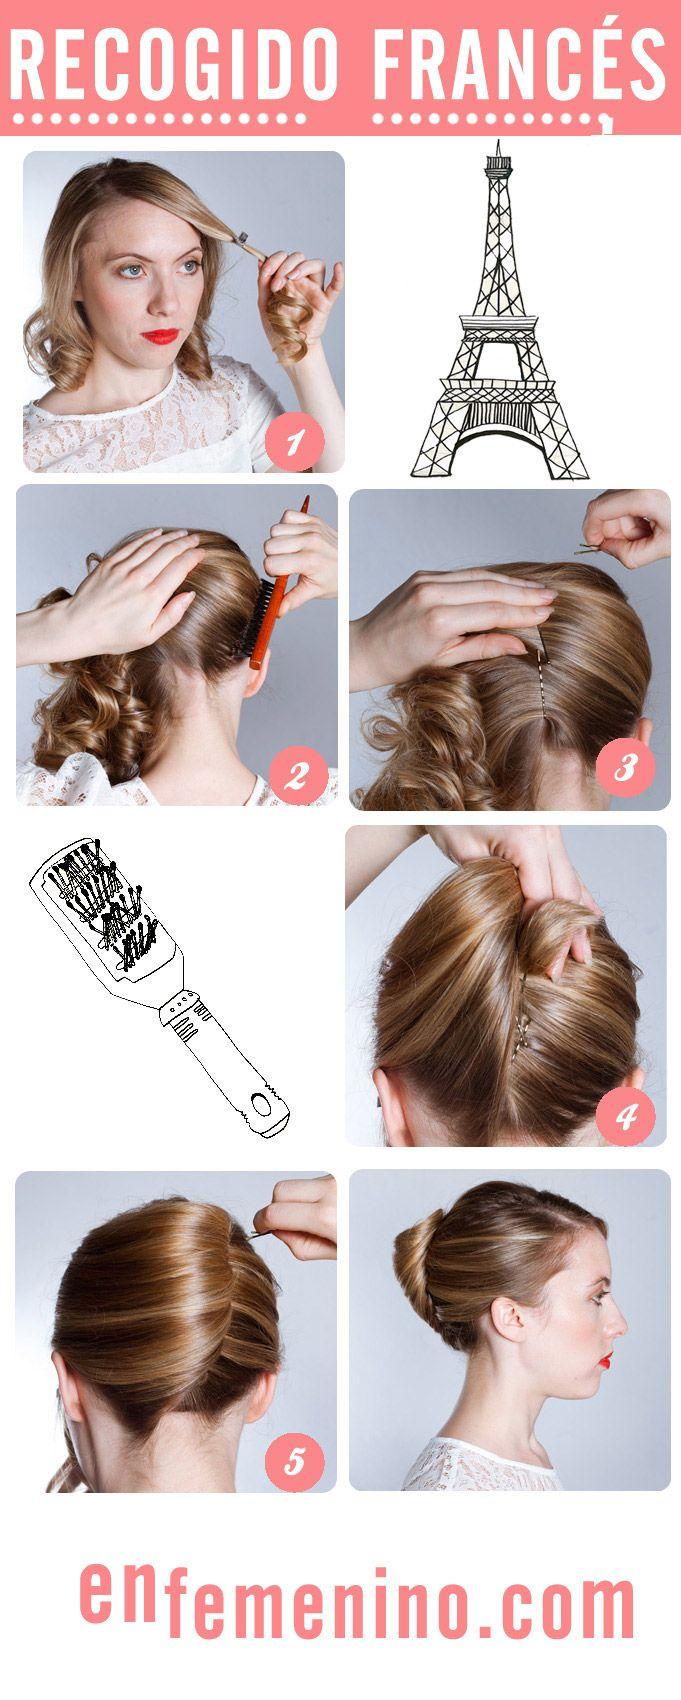 Cómo hacer un recogido francés How to... ? #Hair #Style #Hairstyle